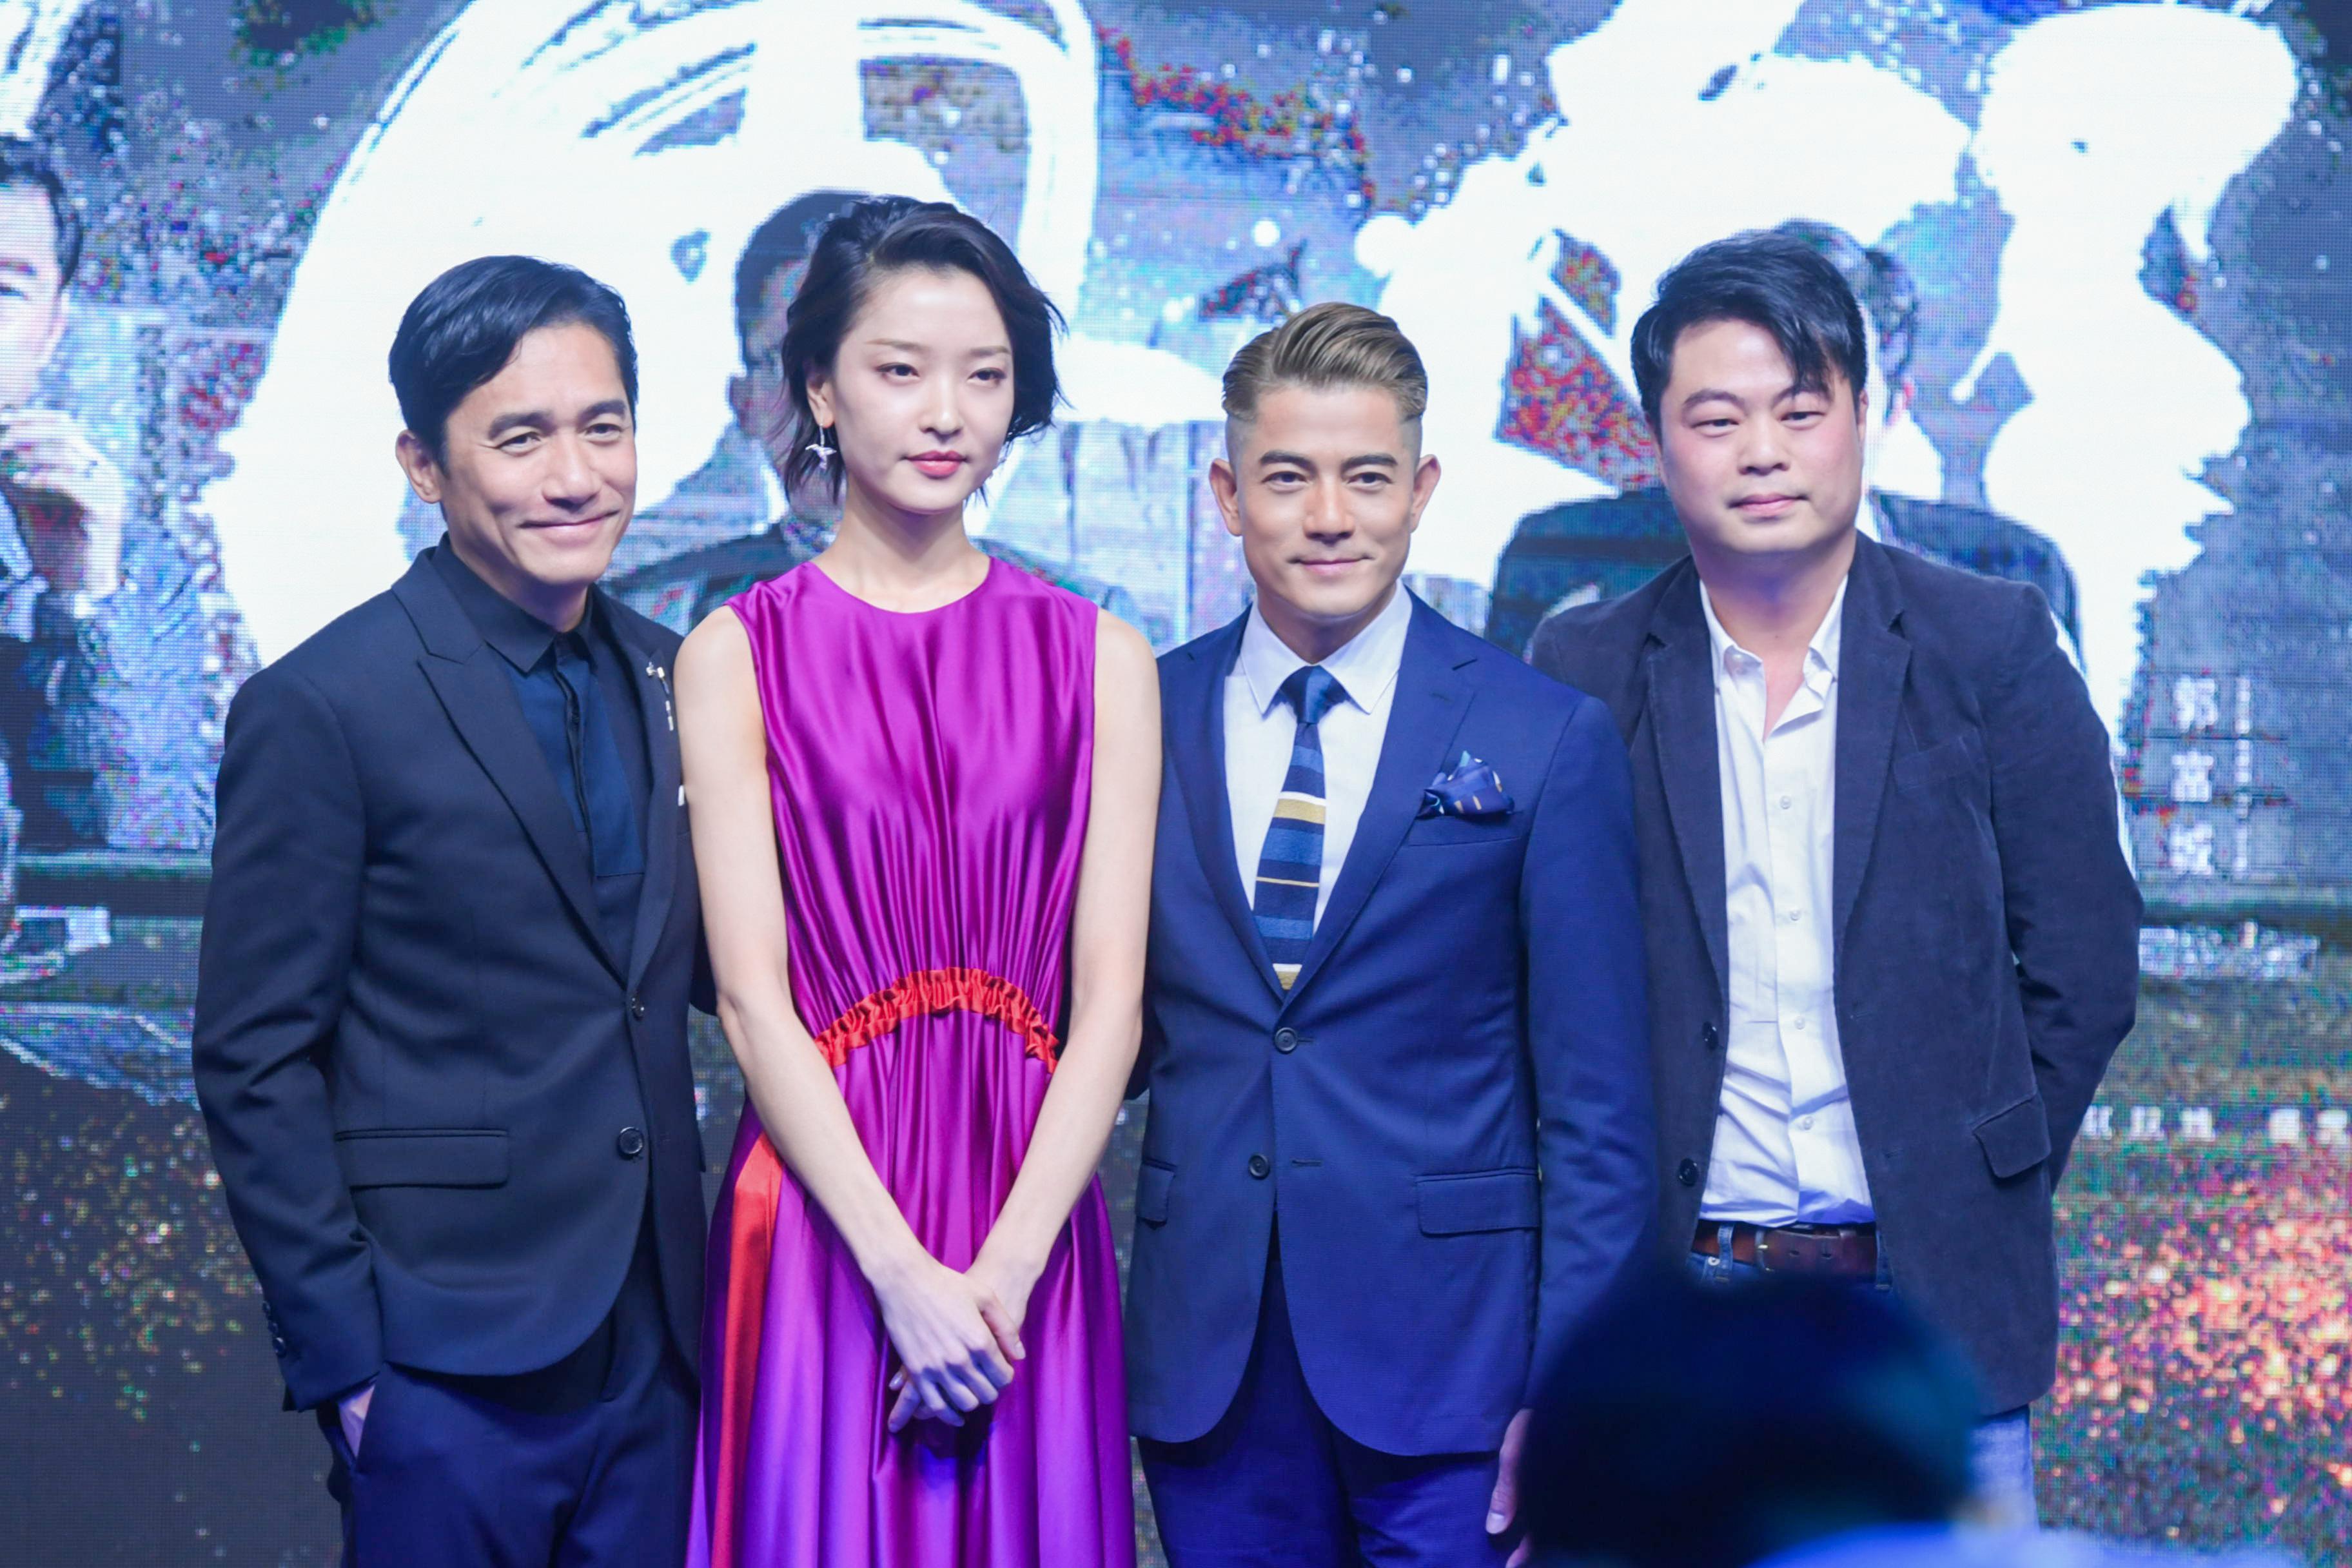 美亚娱乐领衔公布新片计划 火力全开打造高品质华语片